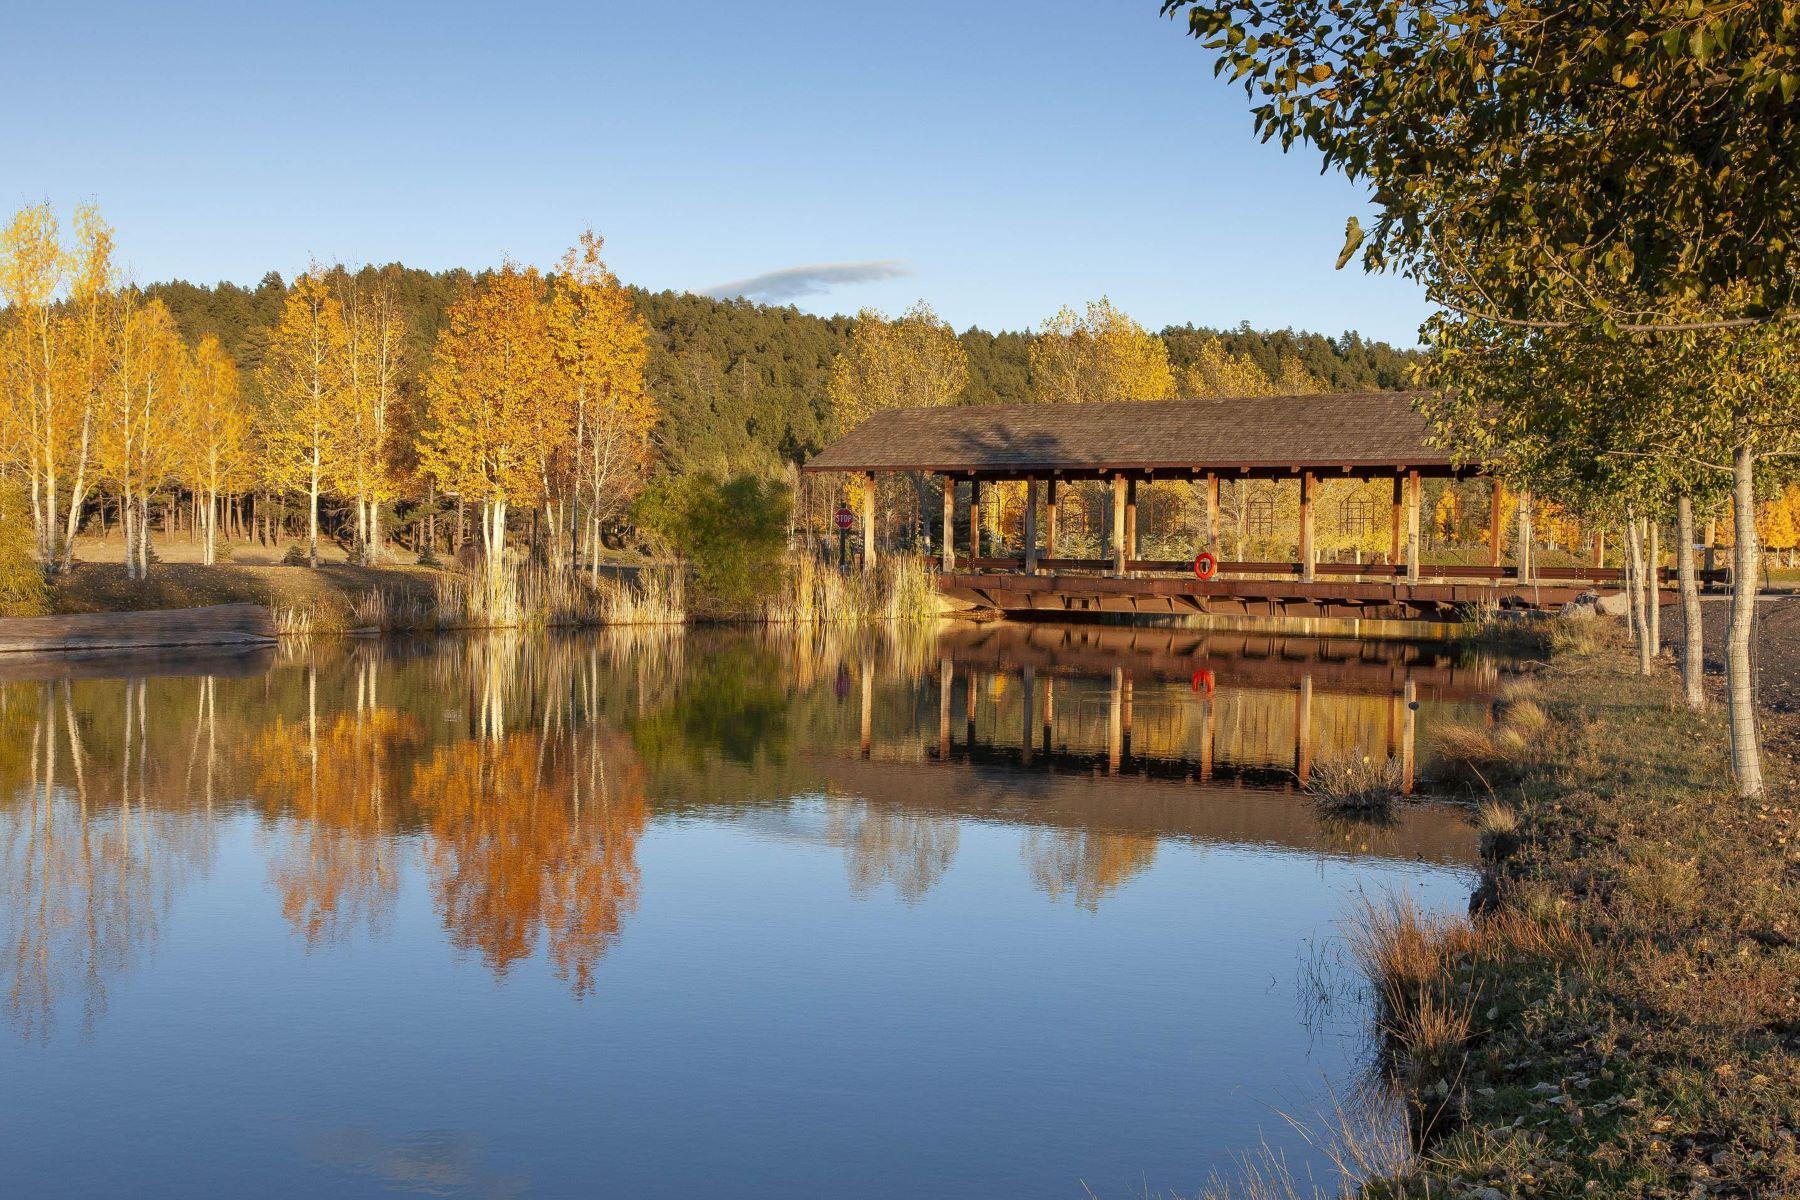 Terreno por un Venta en Foxboro Ranch Estates 252 W DAWN CIR 35 Munds Park, Arizona 86017 Estados Unidos